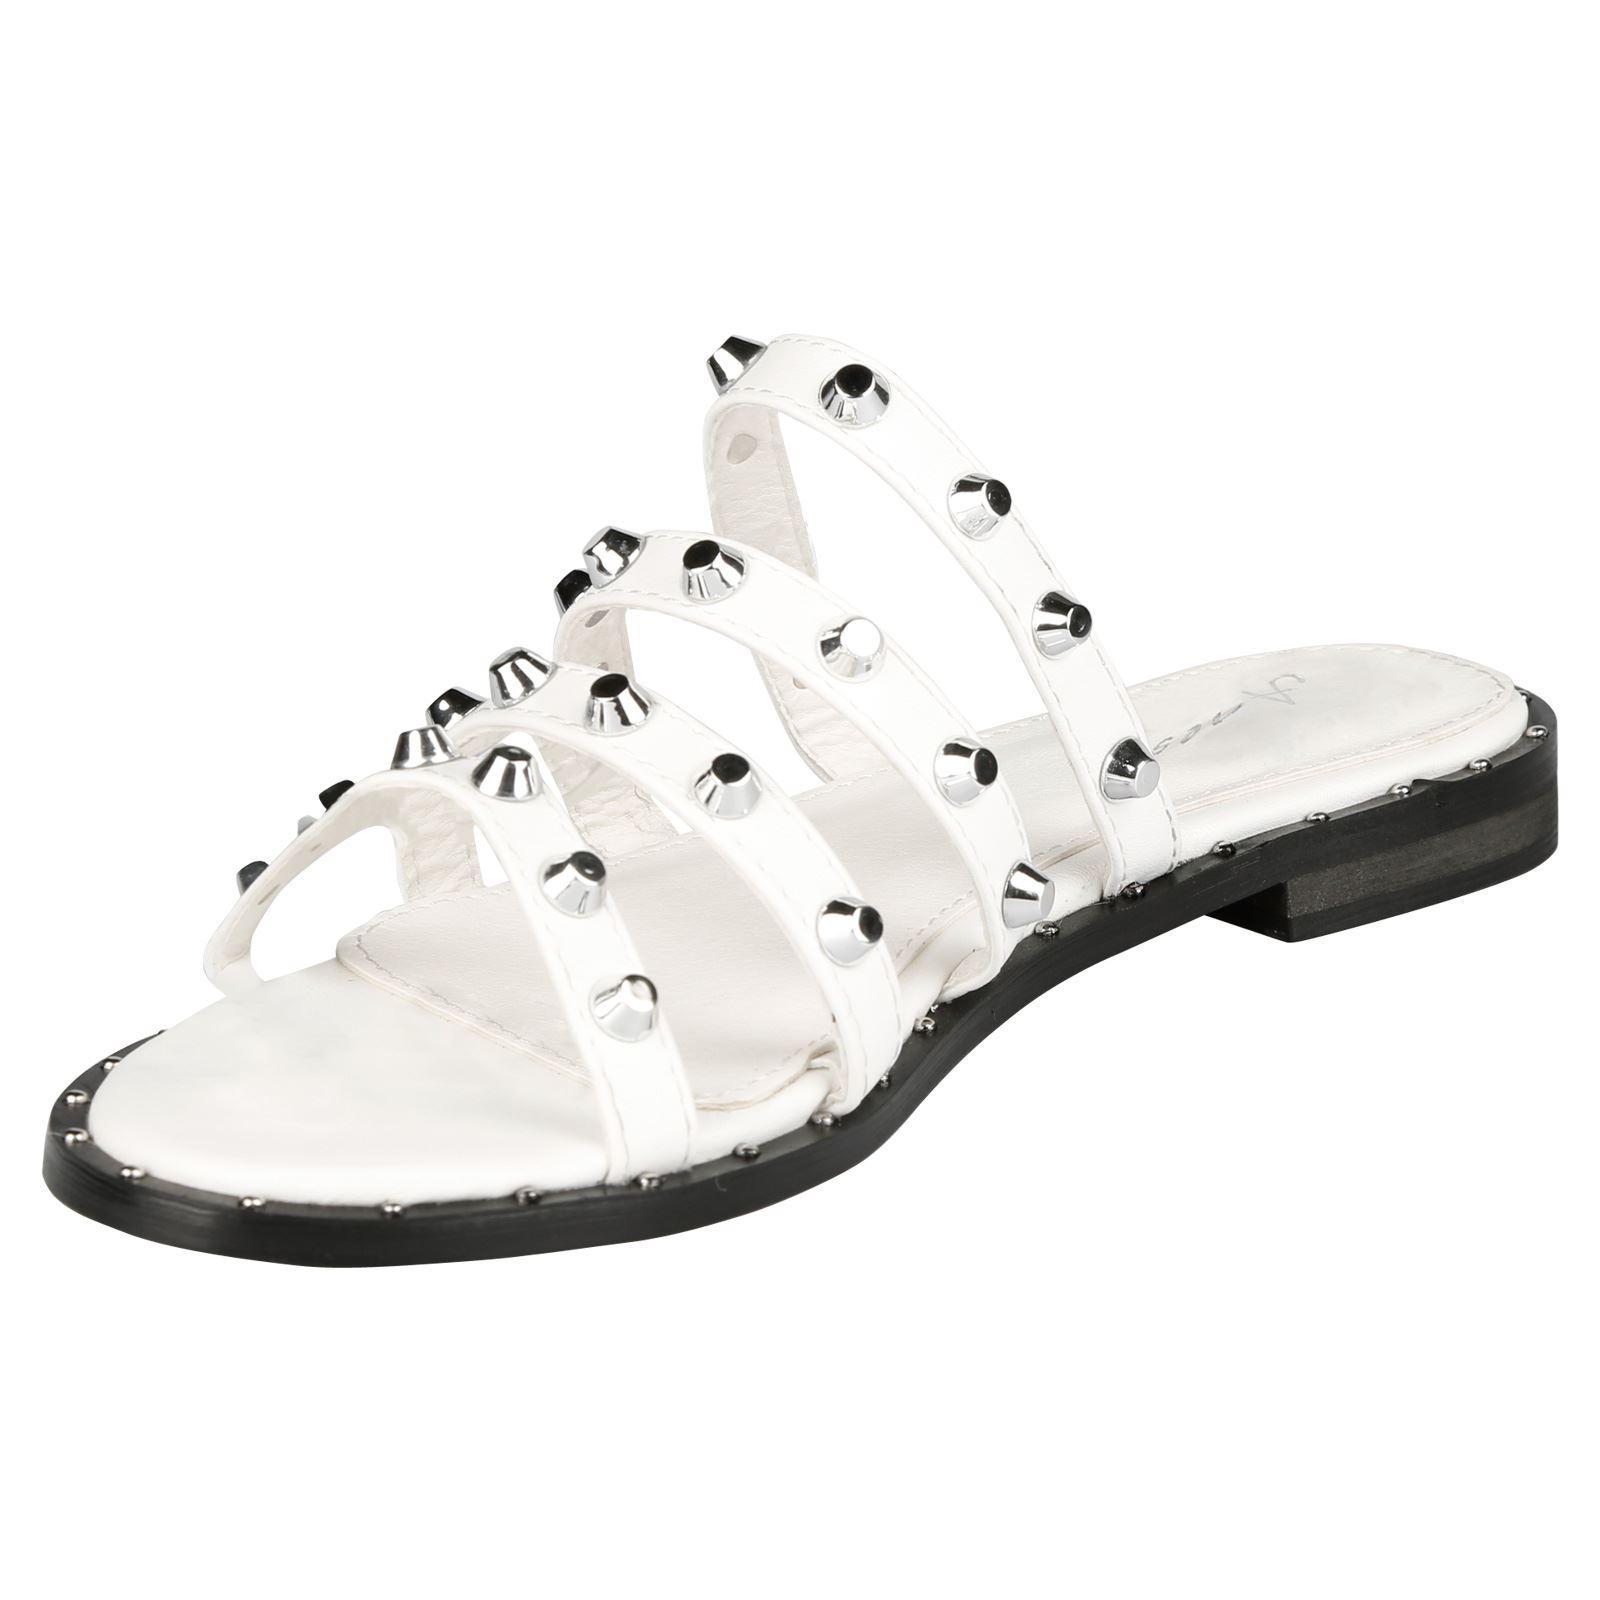 63707dd3df47 Vita Womens Flats Low Heels Slip On Studded Sandals Ladies Sliders ...